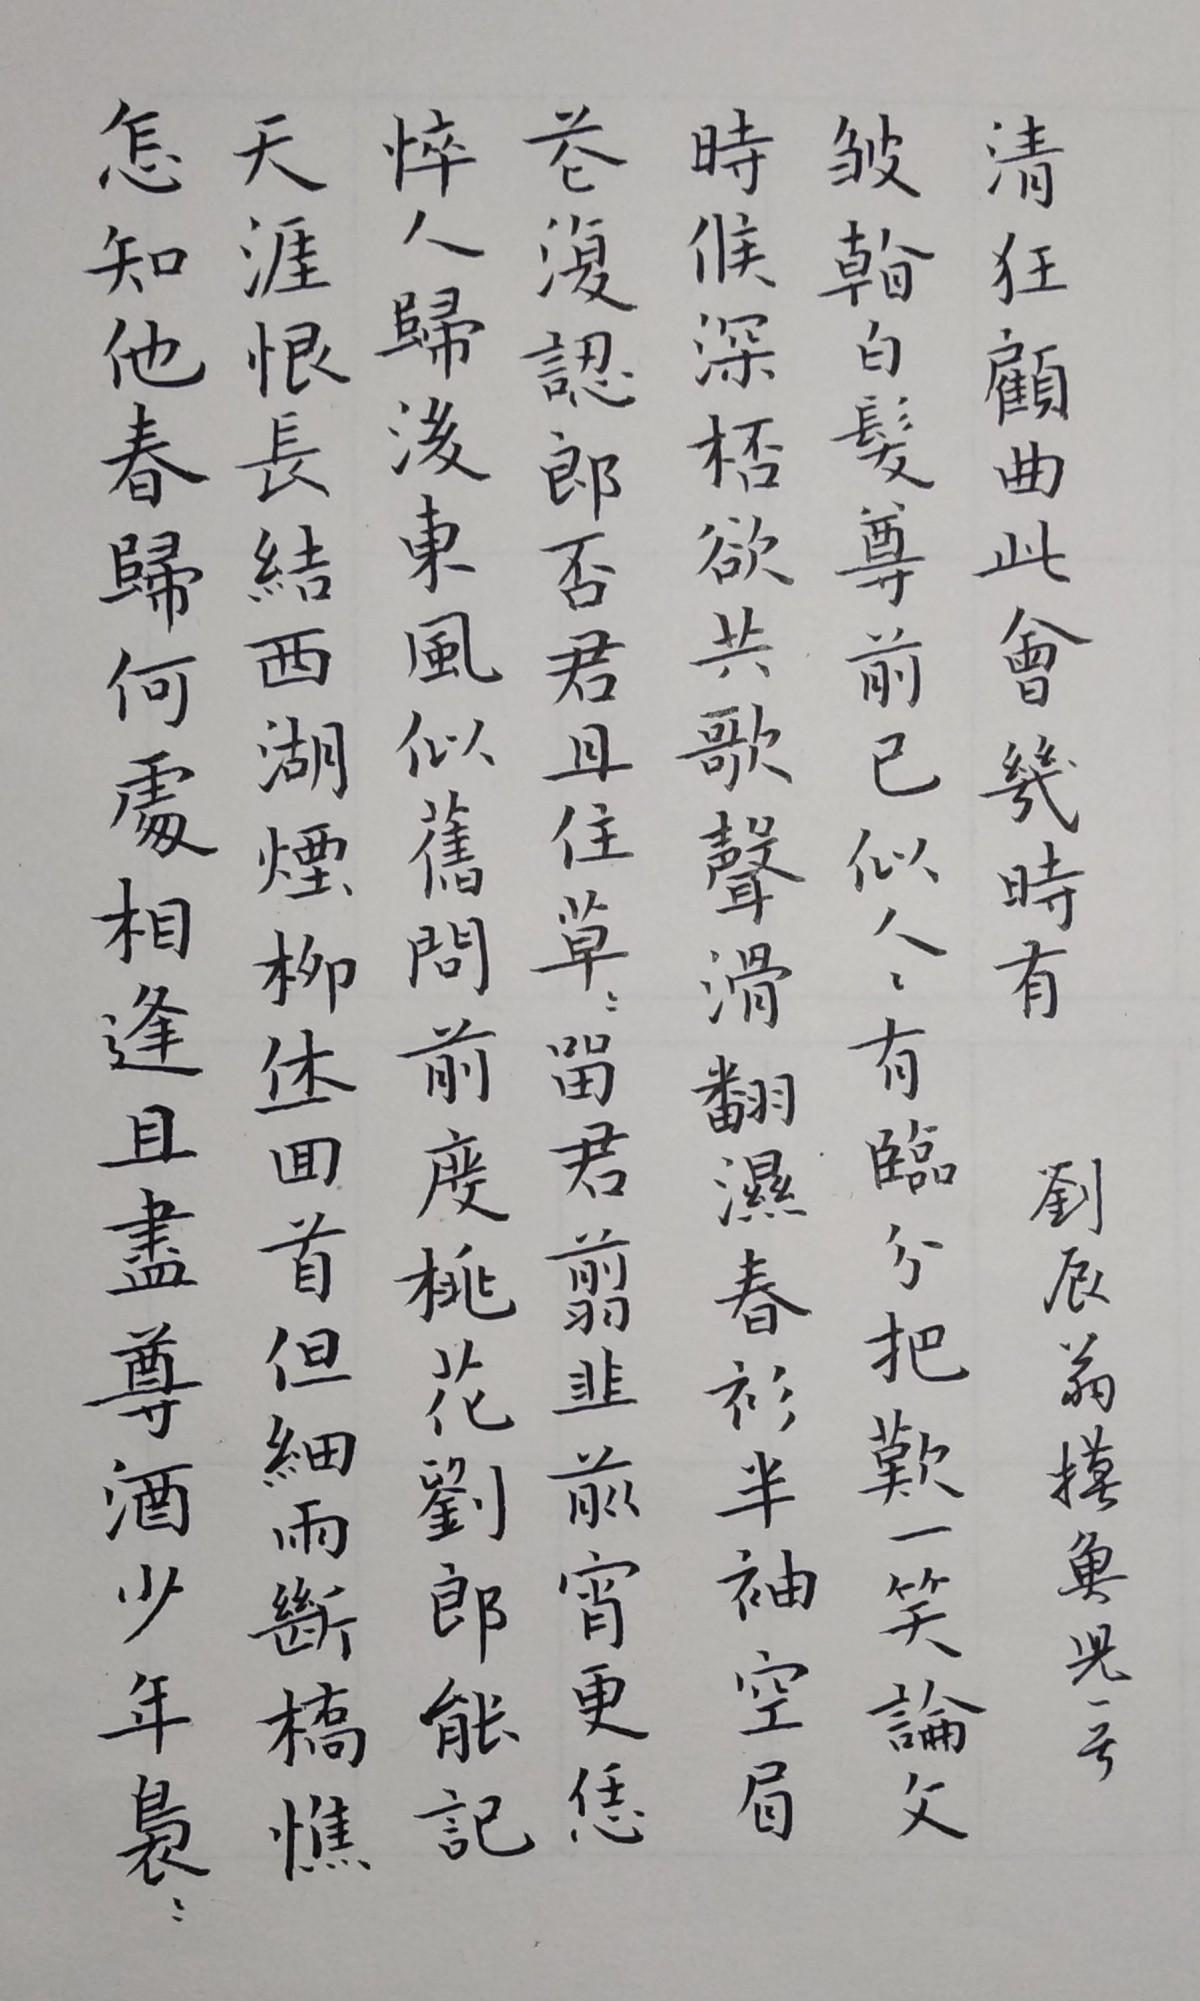 钢笔书法练字打卡20211012-17